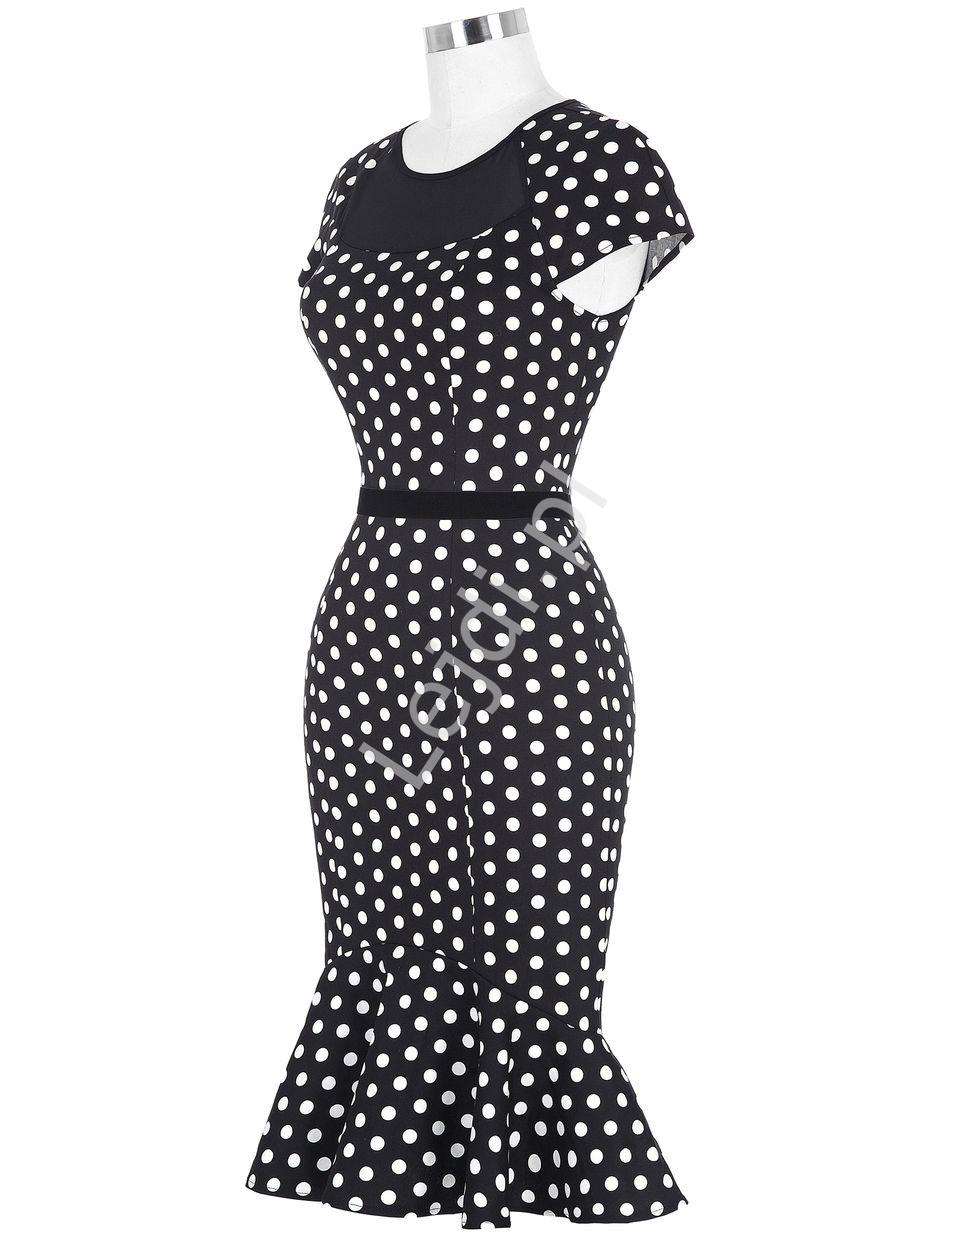 5cab309b0f Czarna sukienka w kropki z falbaną na dole lata 50te